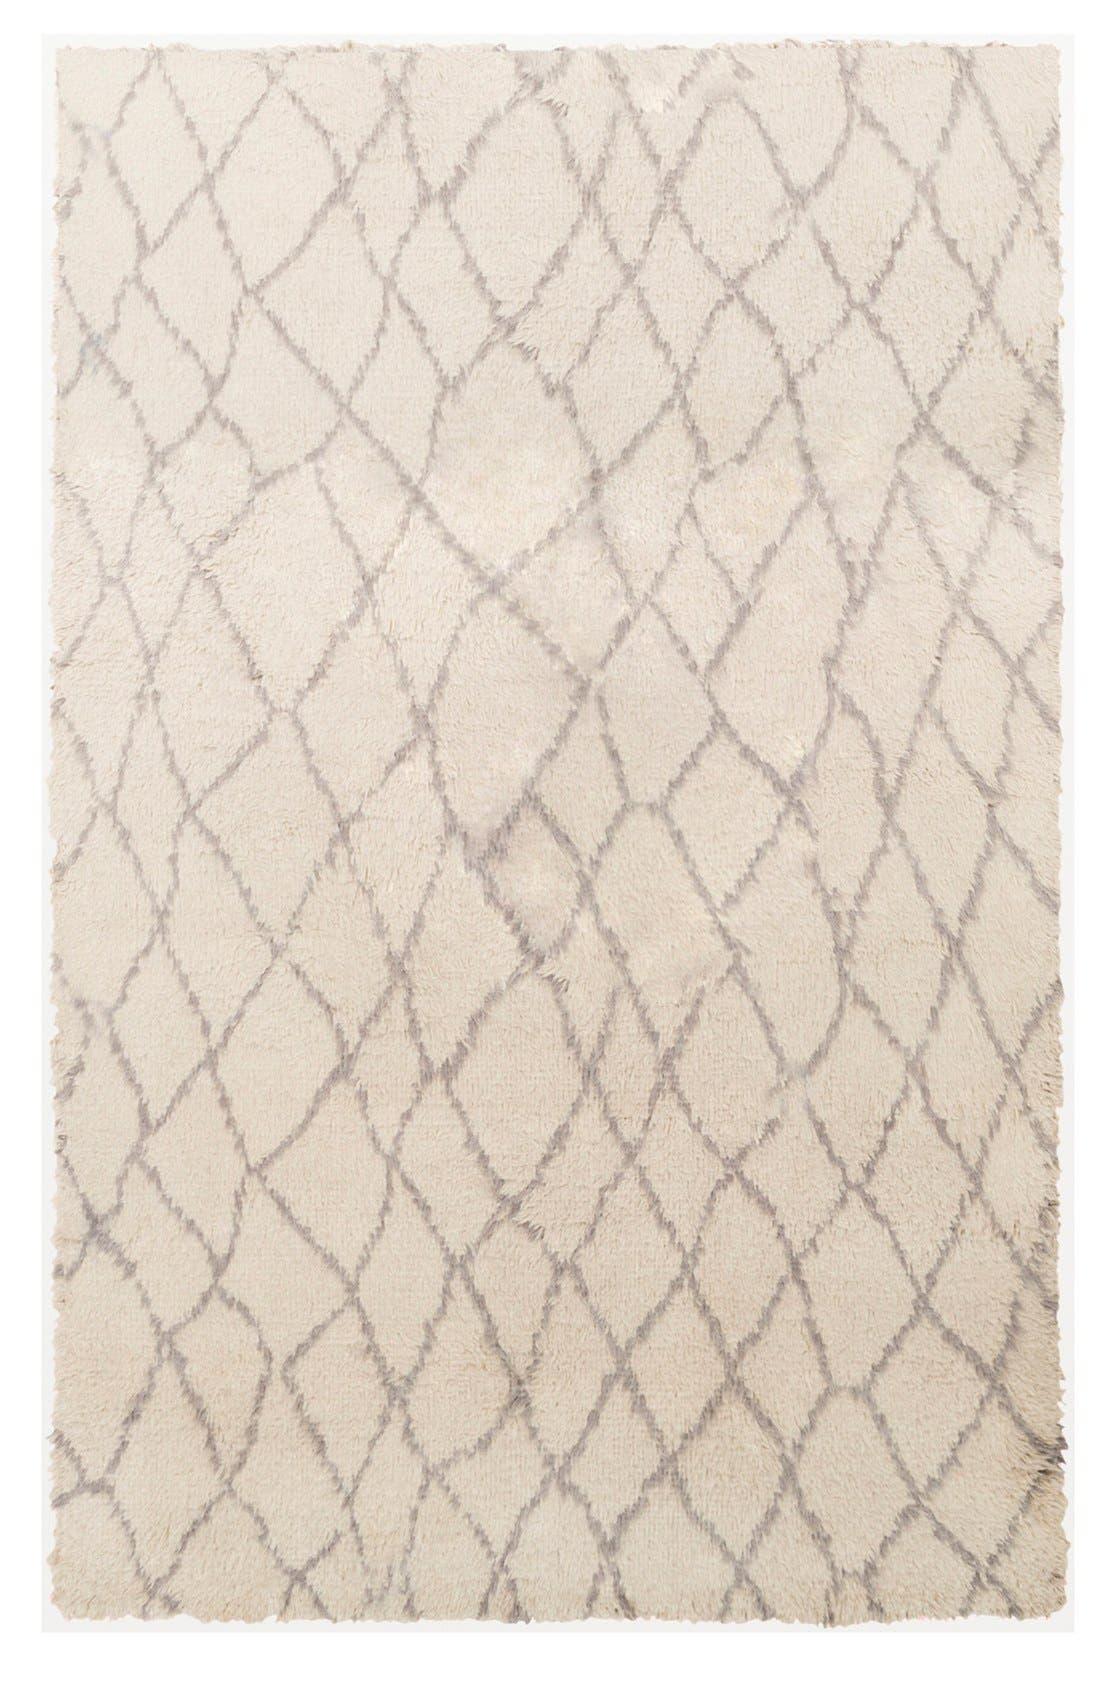 'Denali - Lines' Wool Rug,                         Main,                         color, Beige/ Grey